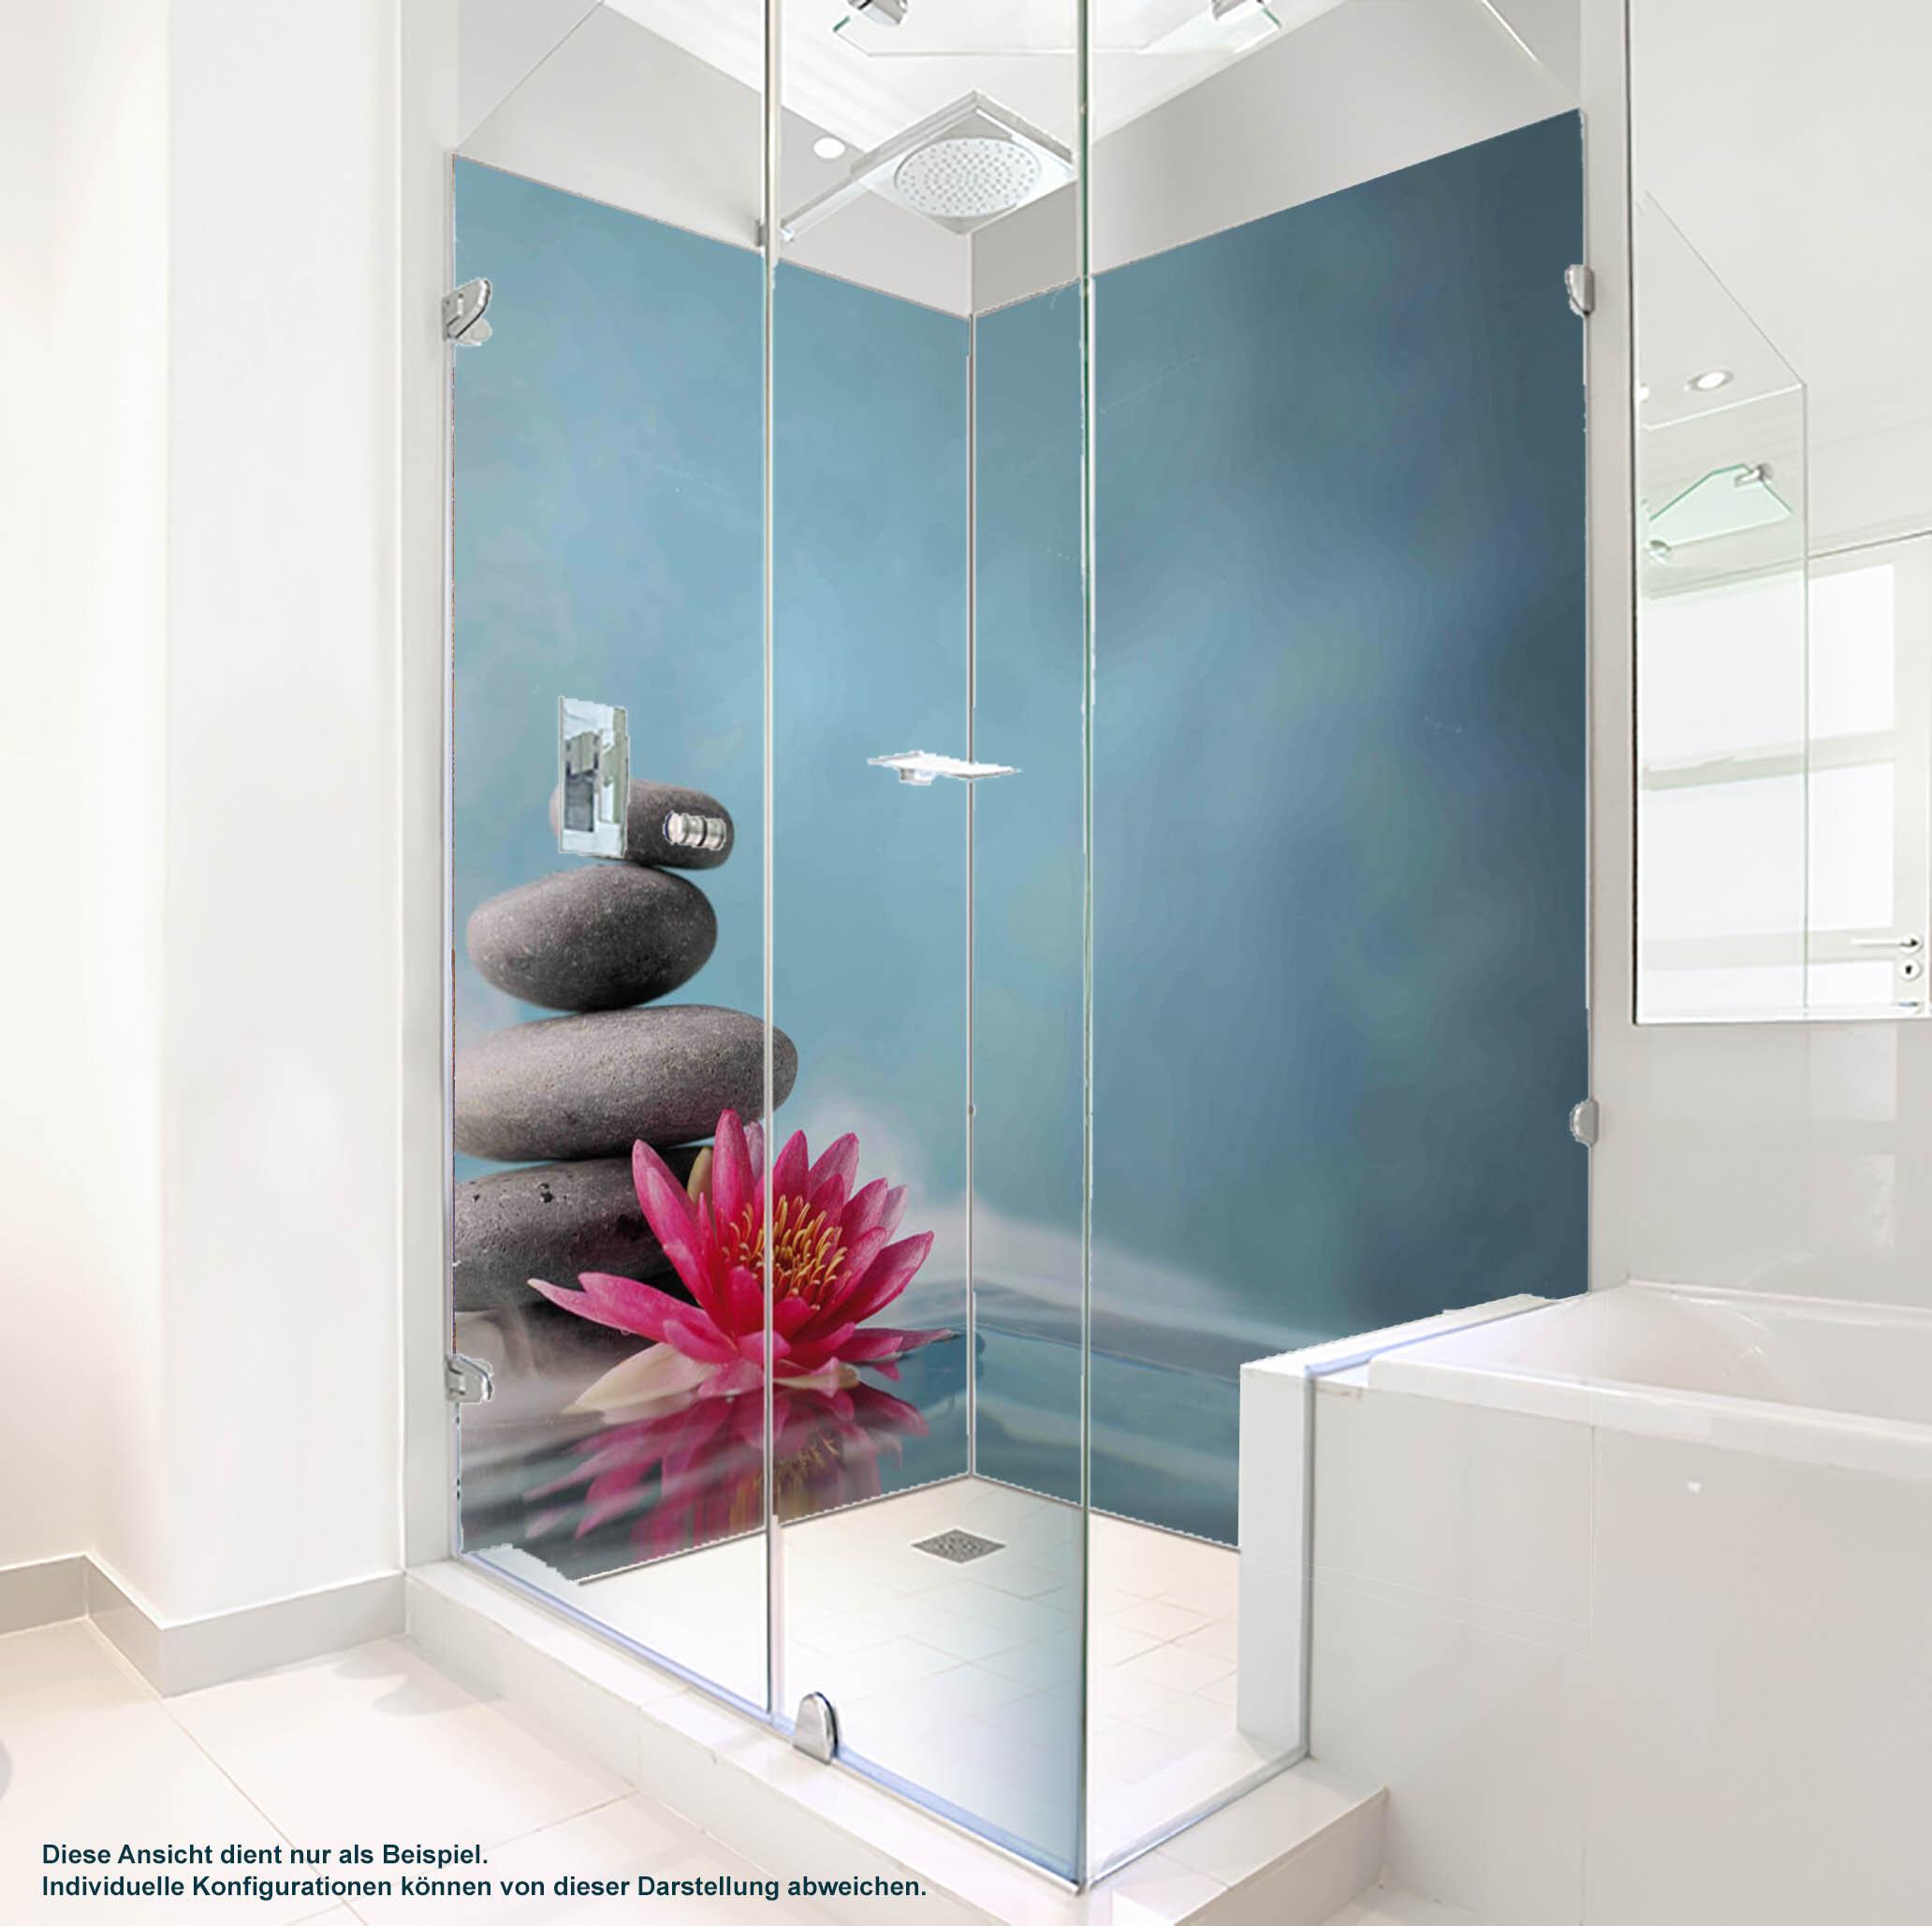 Dusche PlateART Duschrückwand mit Motiv Wellness ZEN Steine Blüte